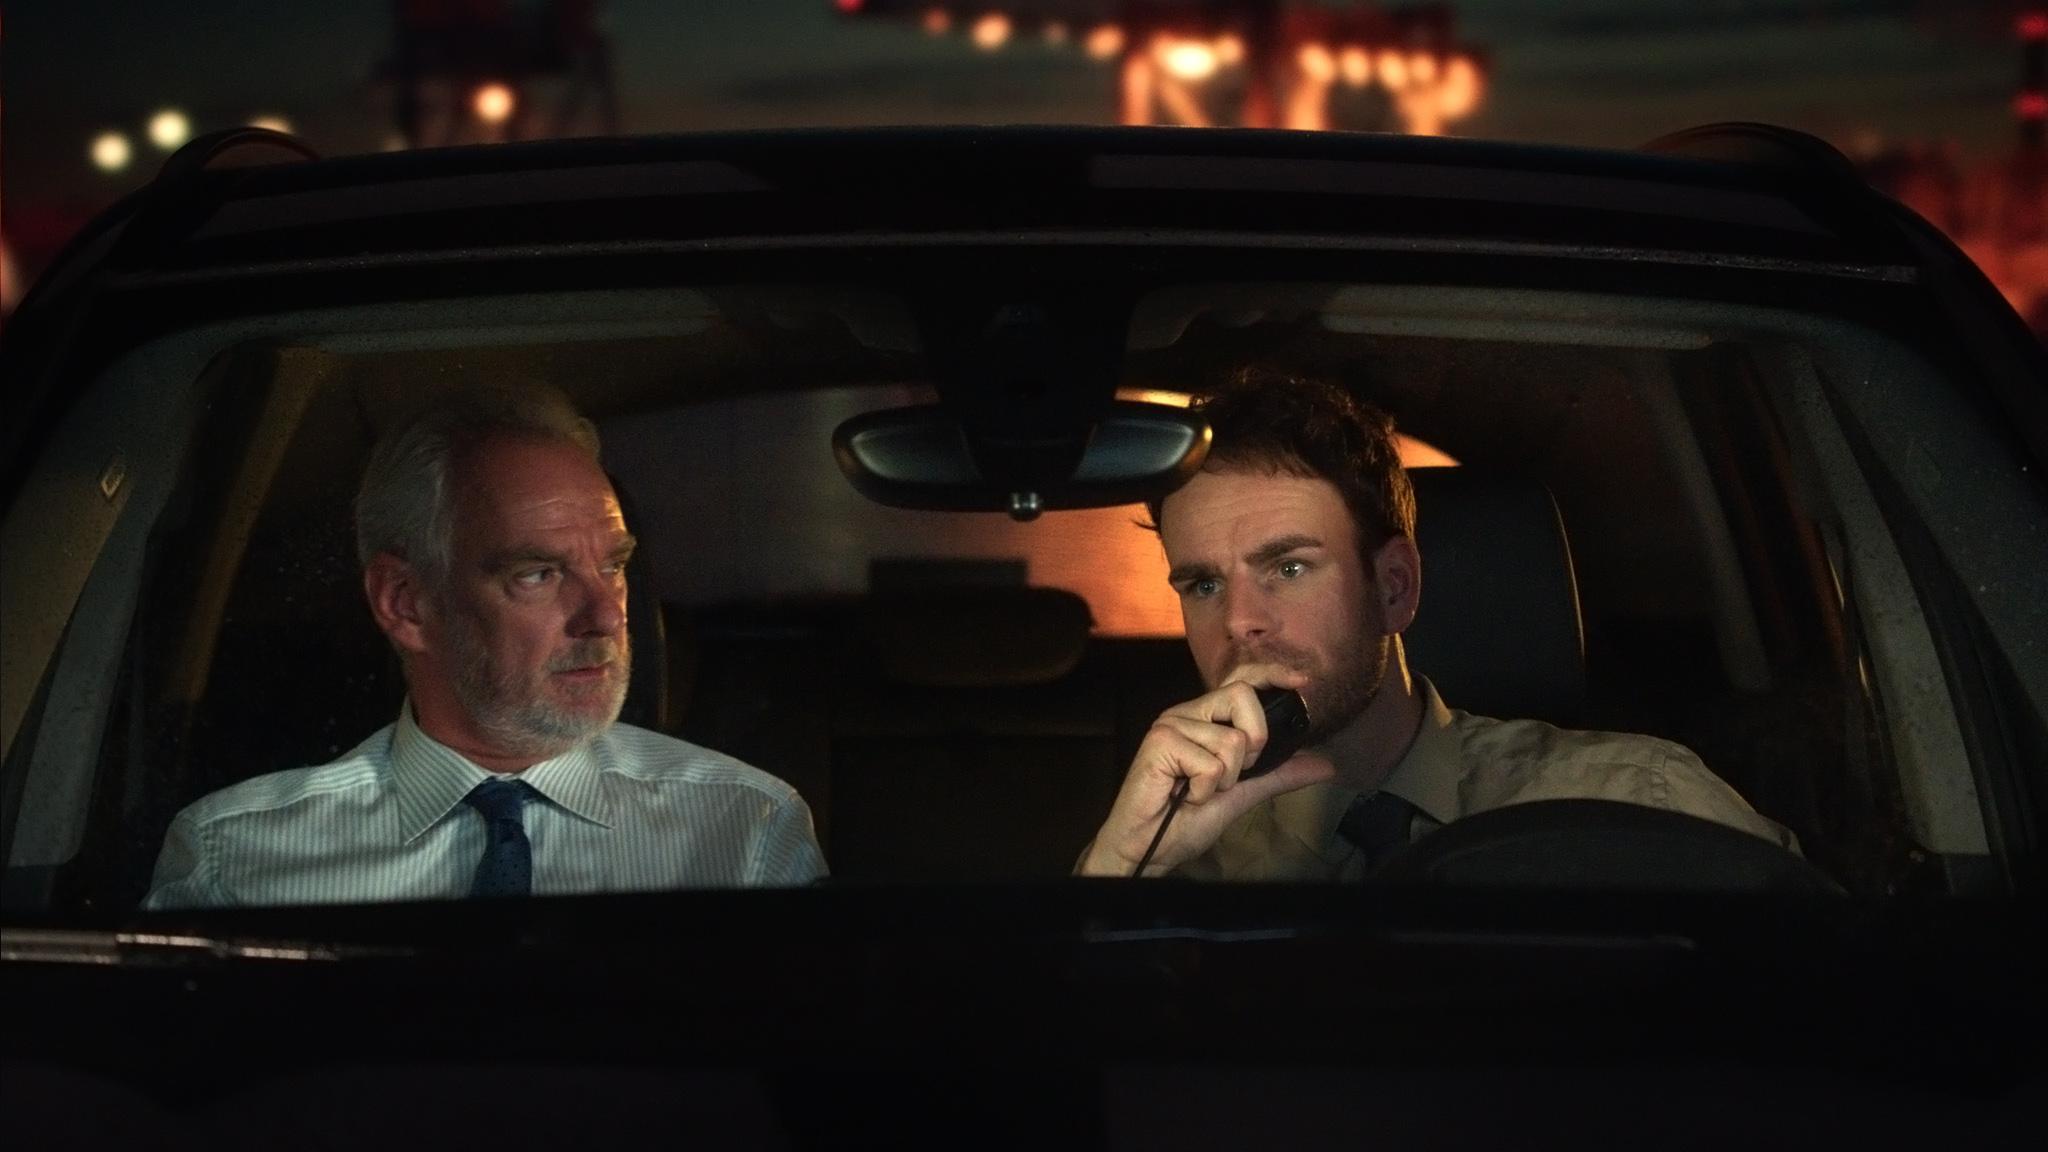 Een foto van Stefan de Walle en Henry van Loon in hun politieauto